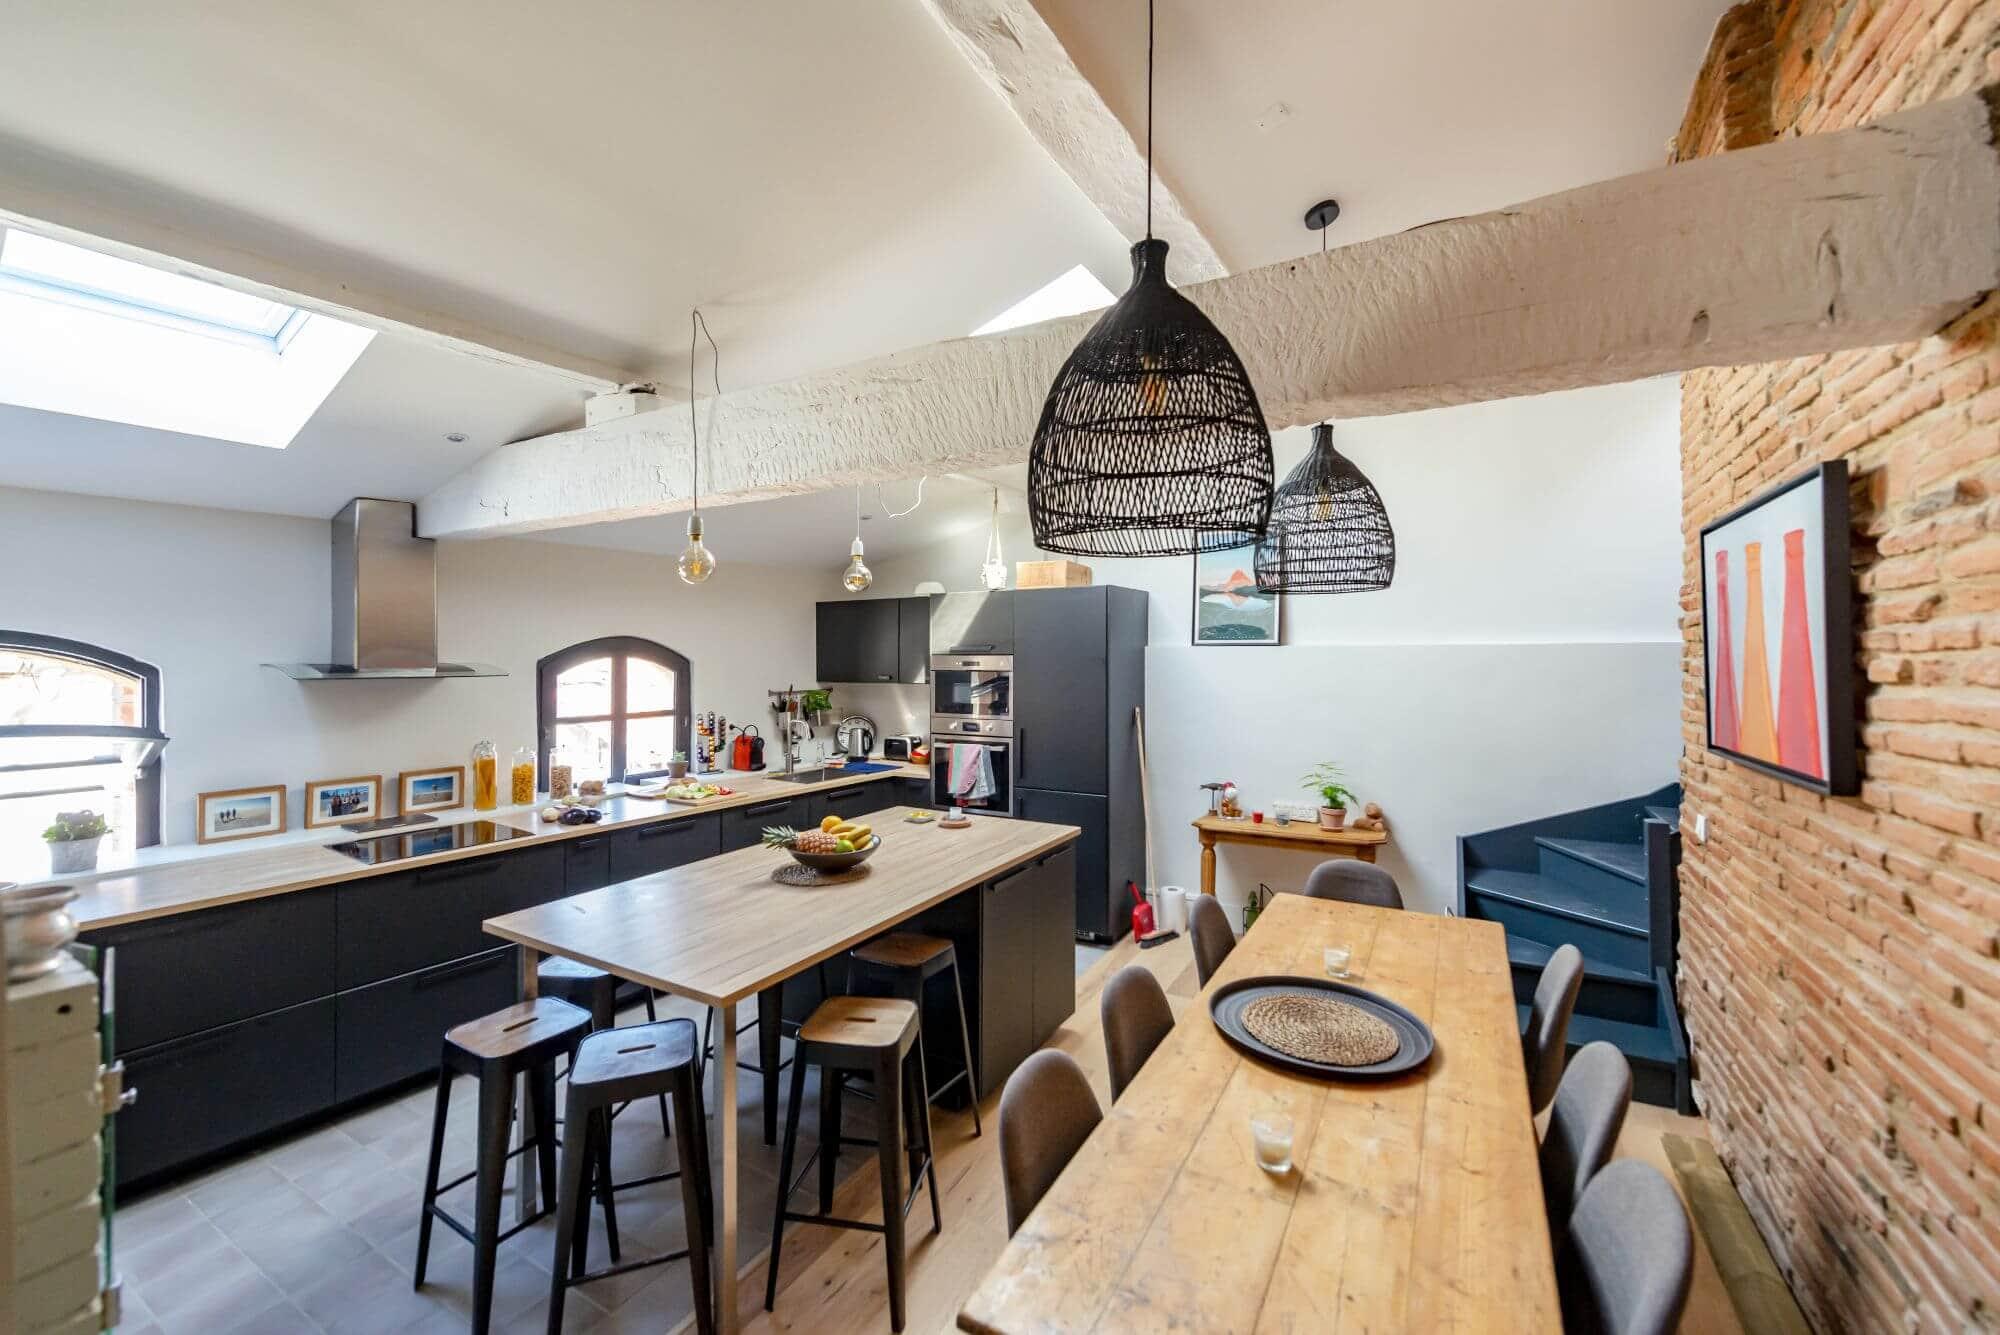 Devis Architecte intérieur, Cuisine rénovée architecte intérieur